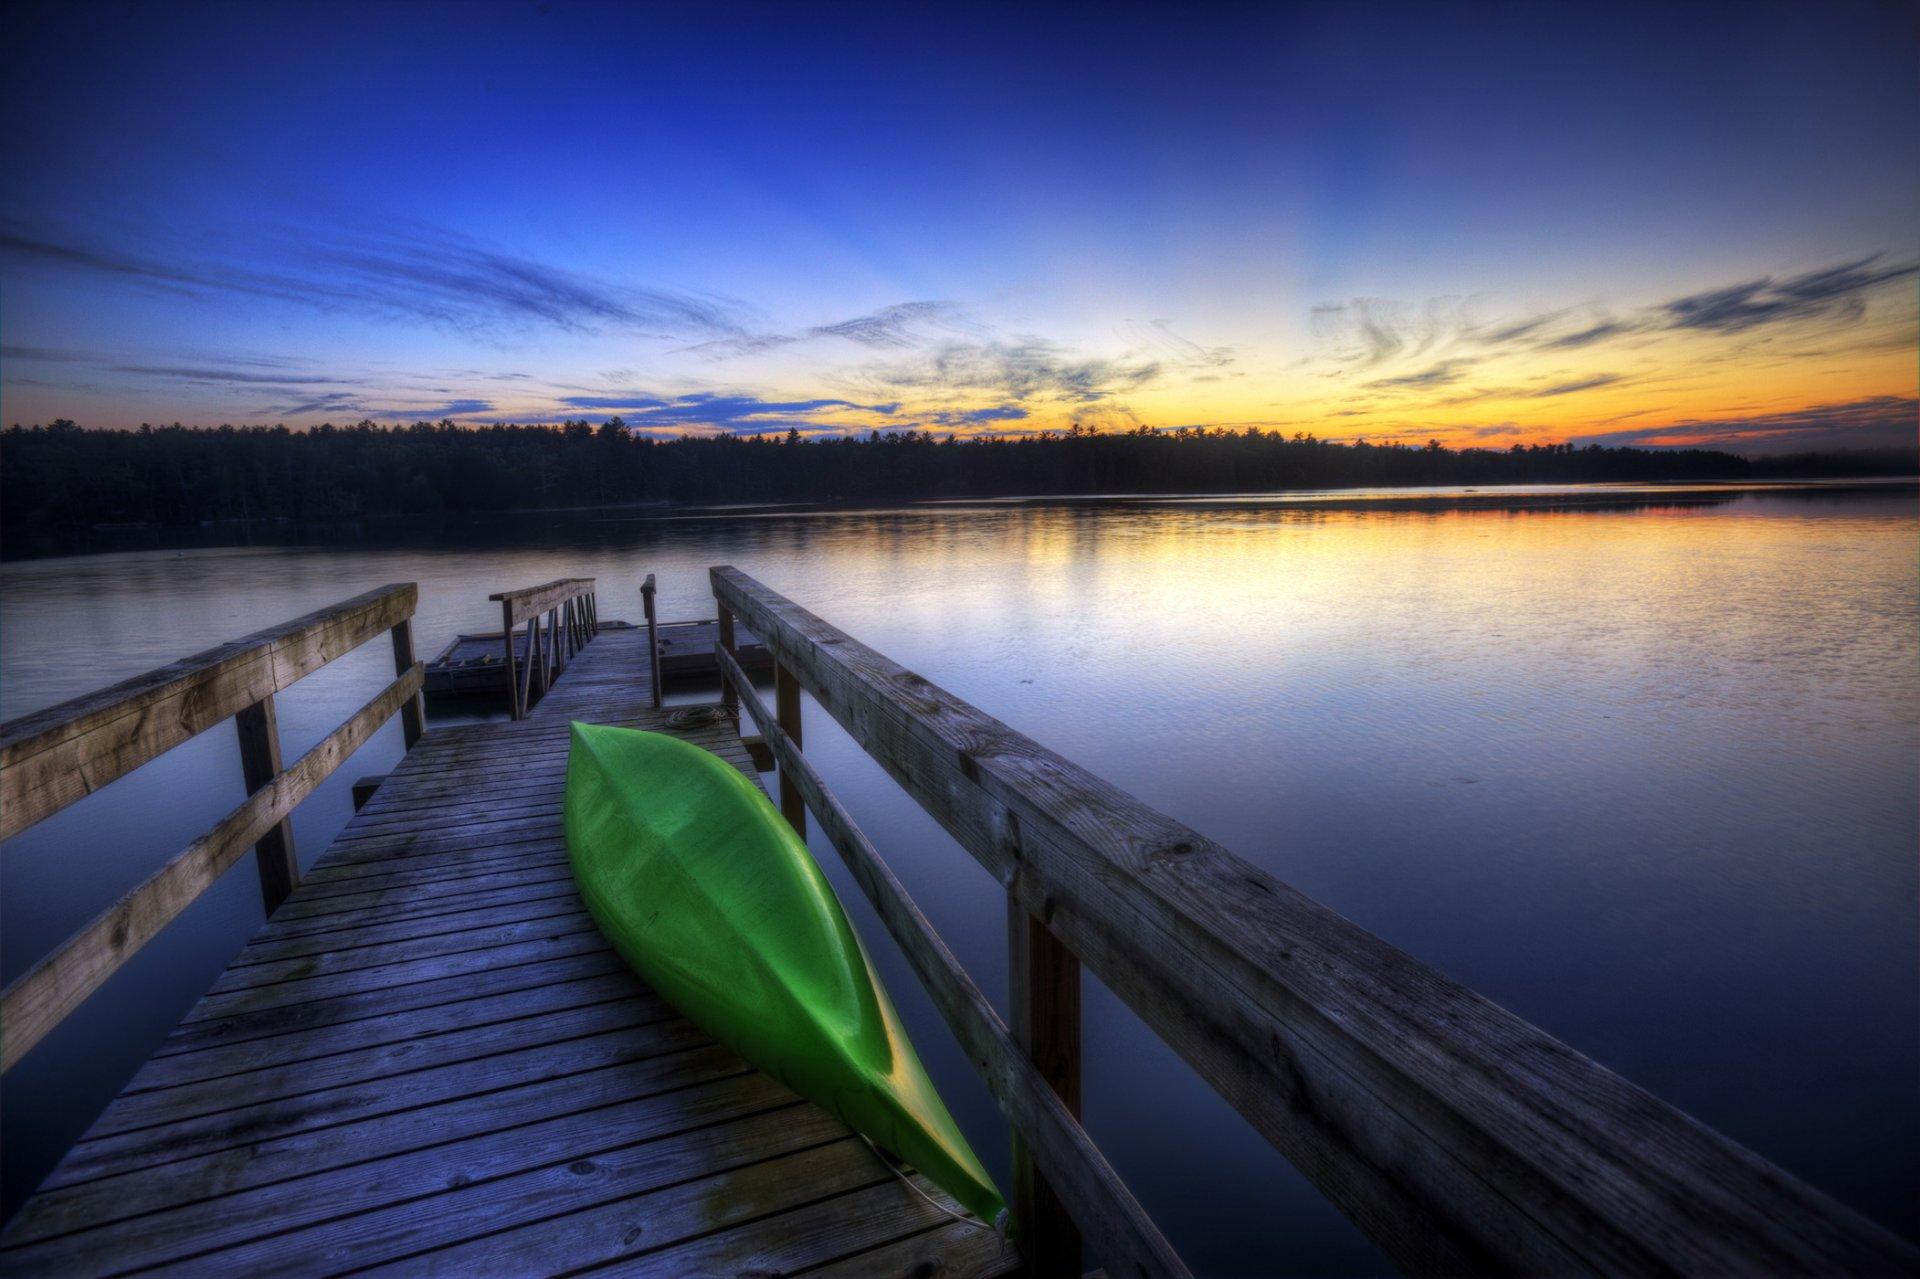 Лодка на берегу зеленого озера  № 2492969 без смс